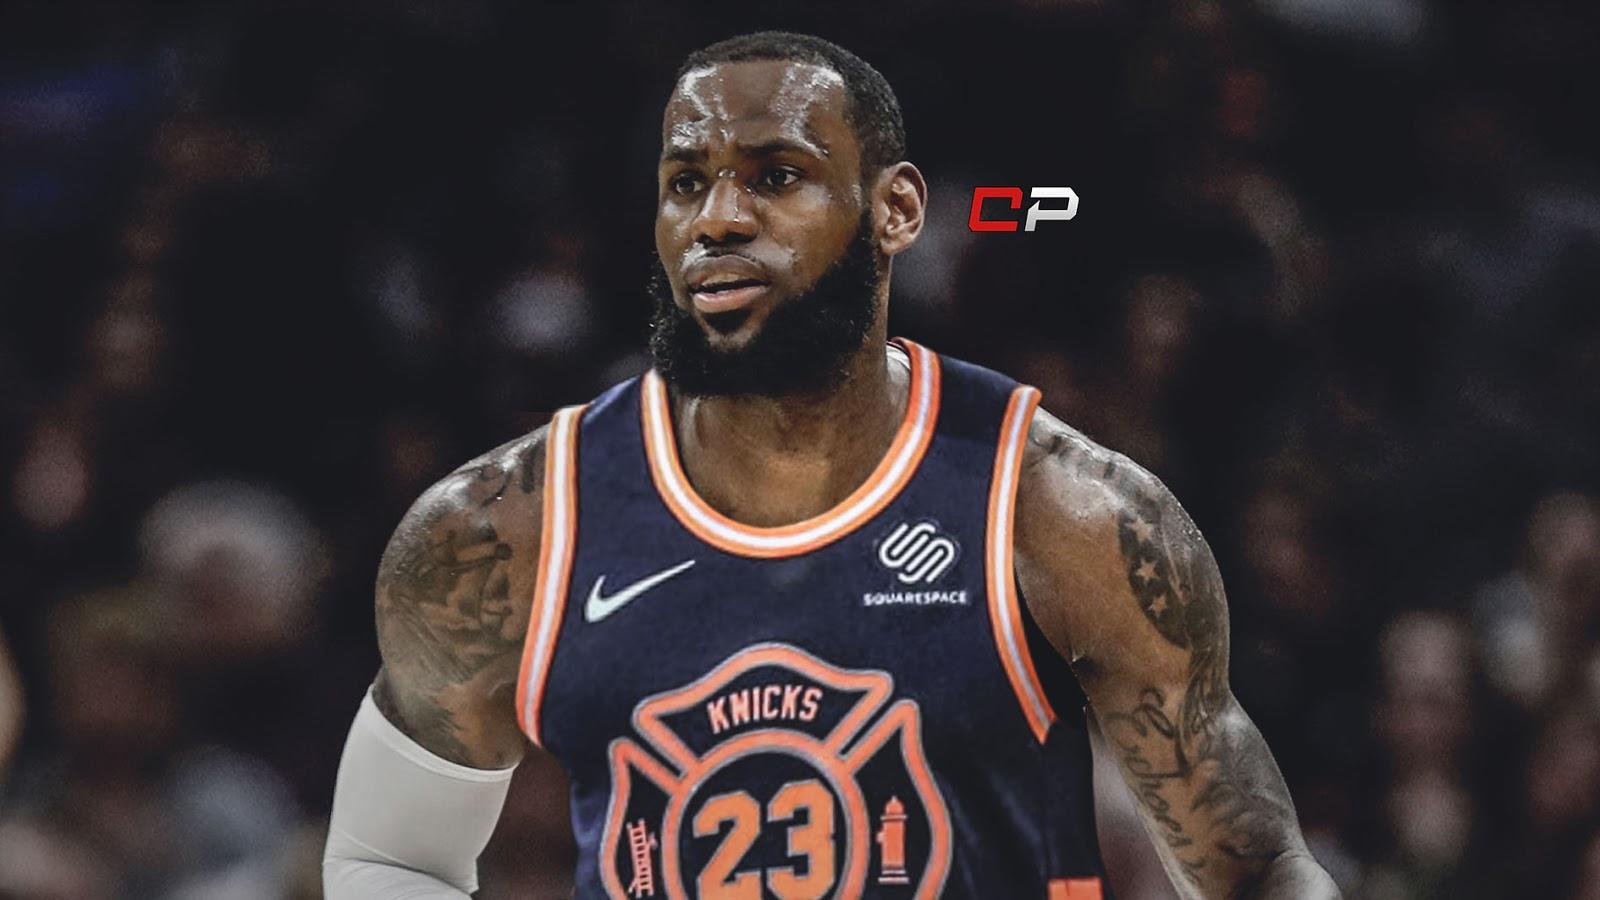 What LeBron James Looks Like Photoshopped On Every NBA ...Lebron James Knicks Uniform